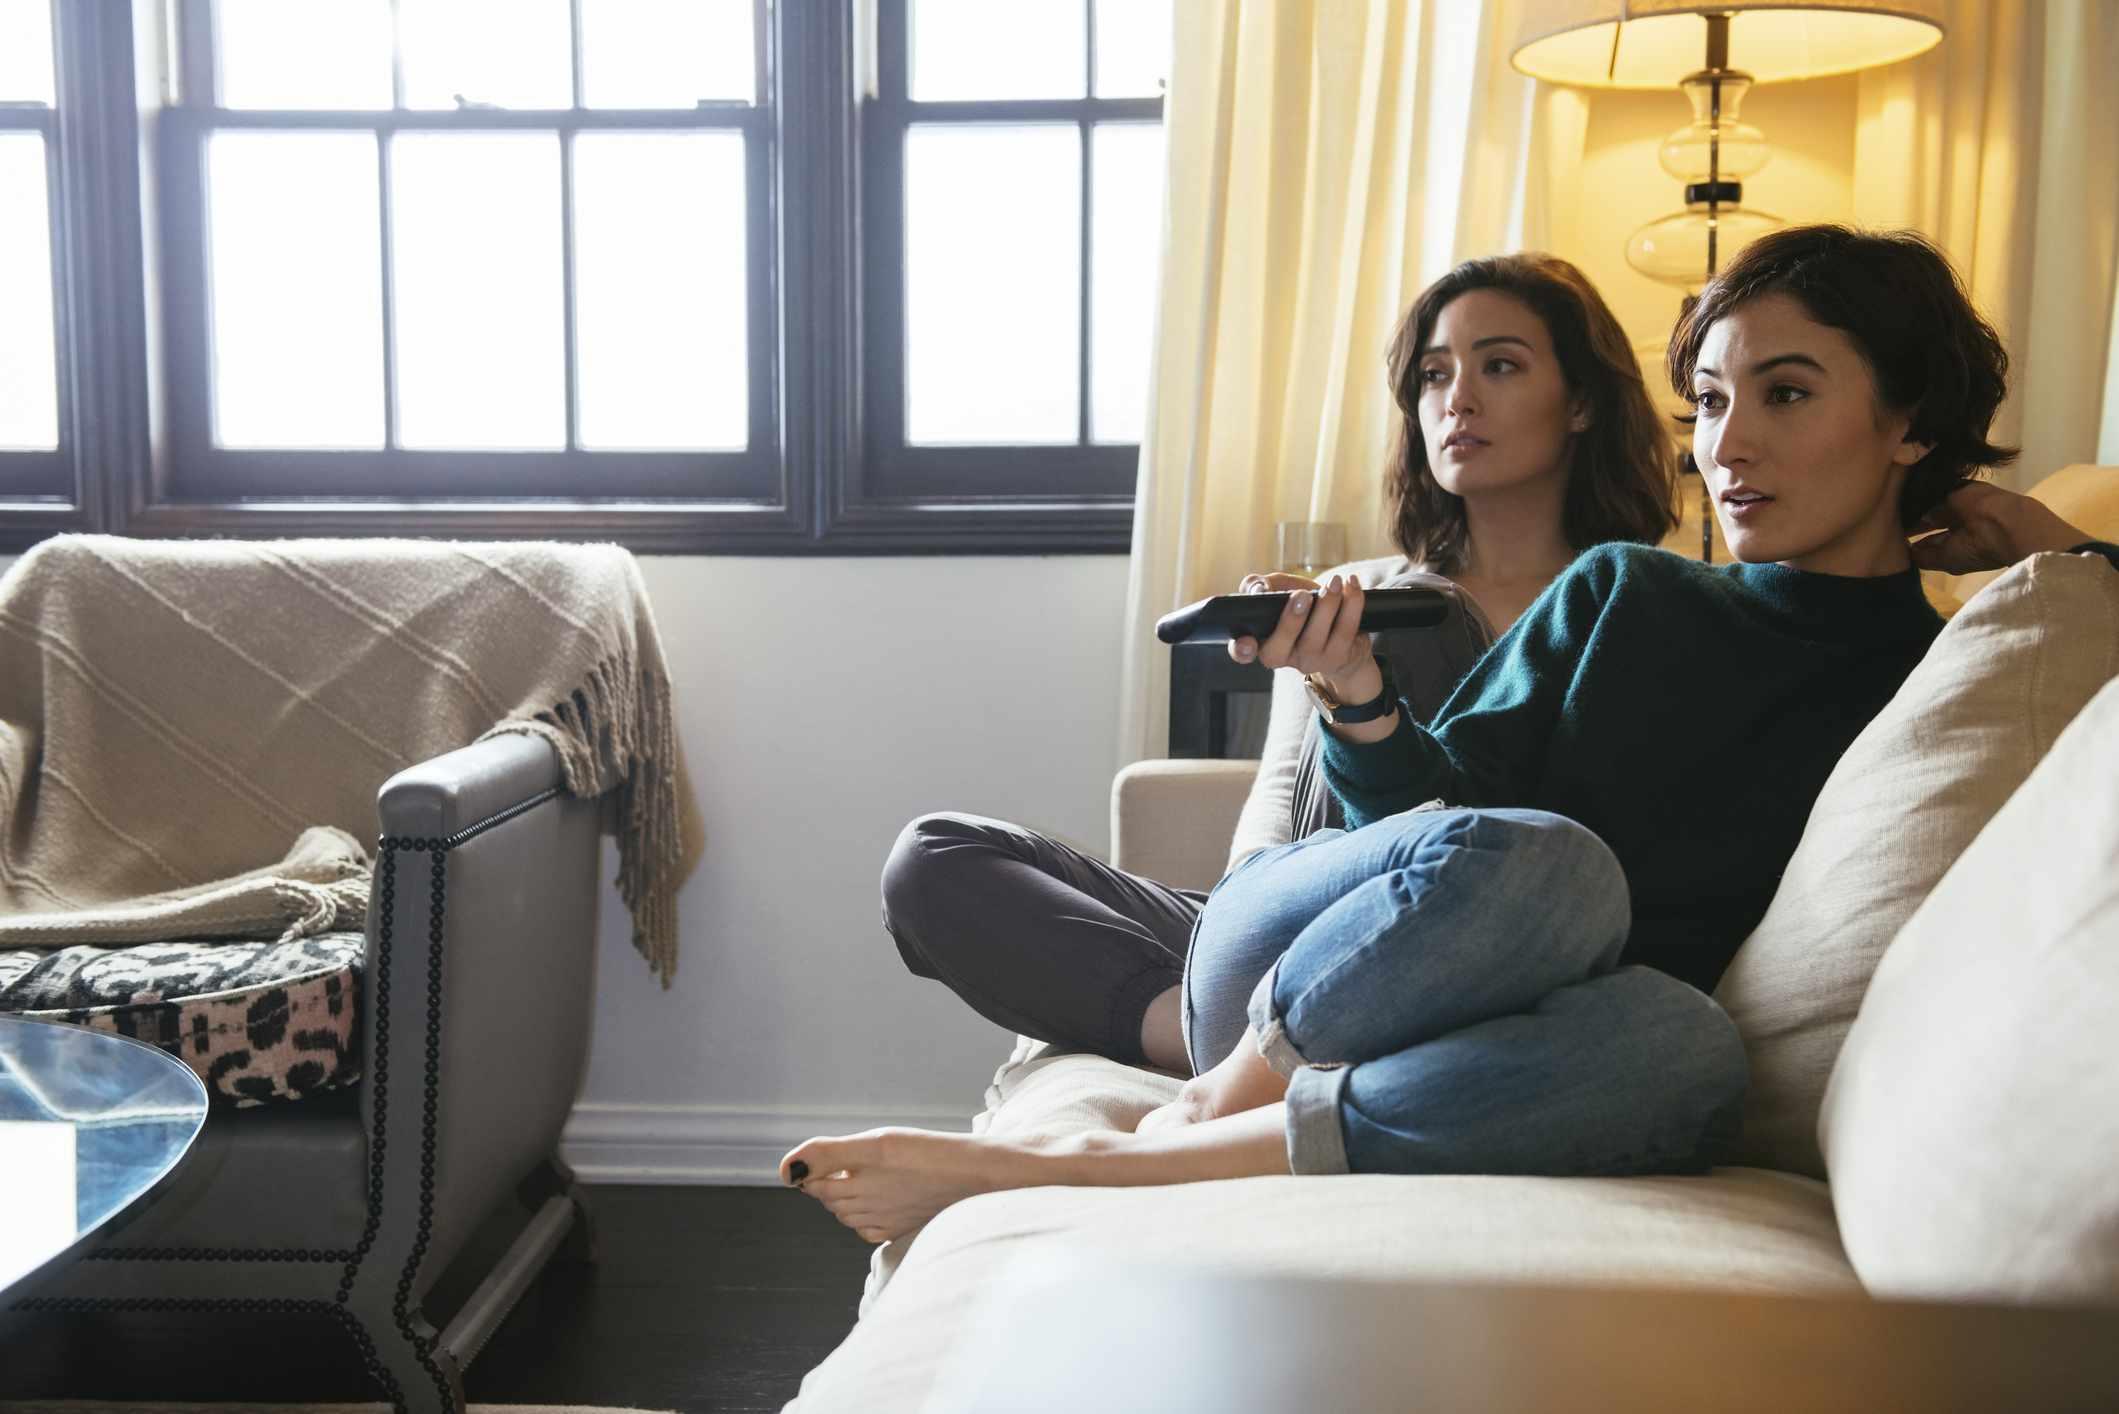 women watching movie